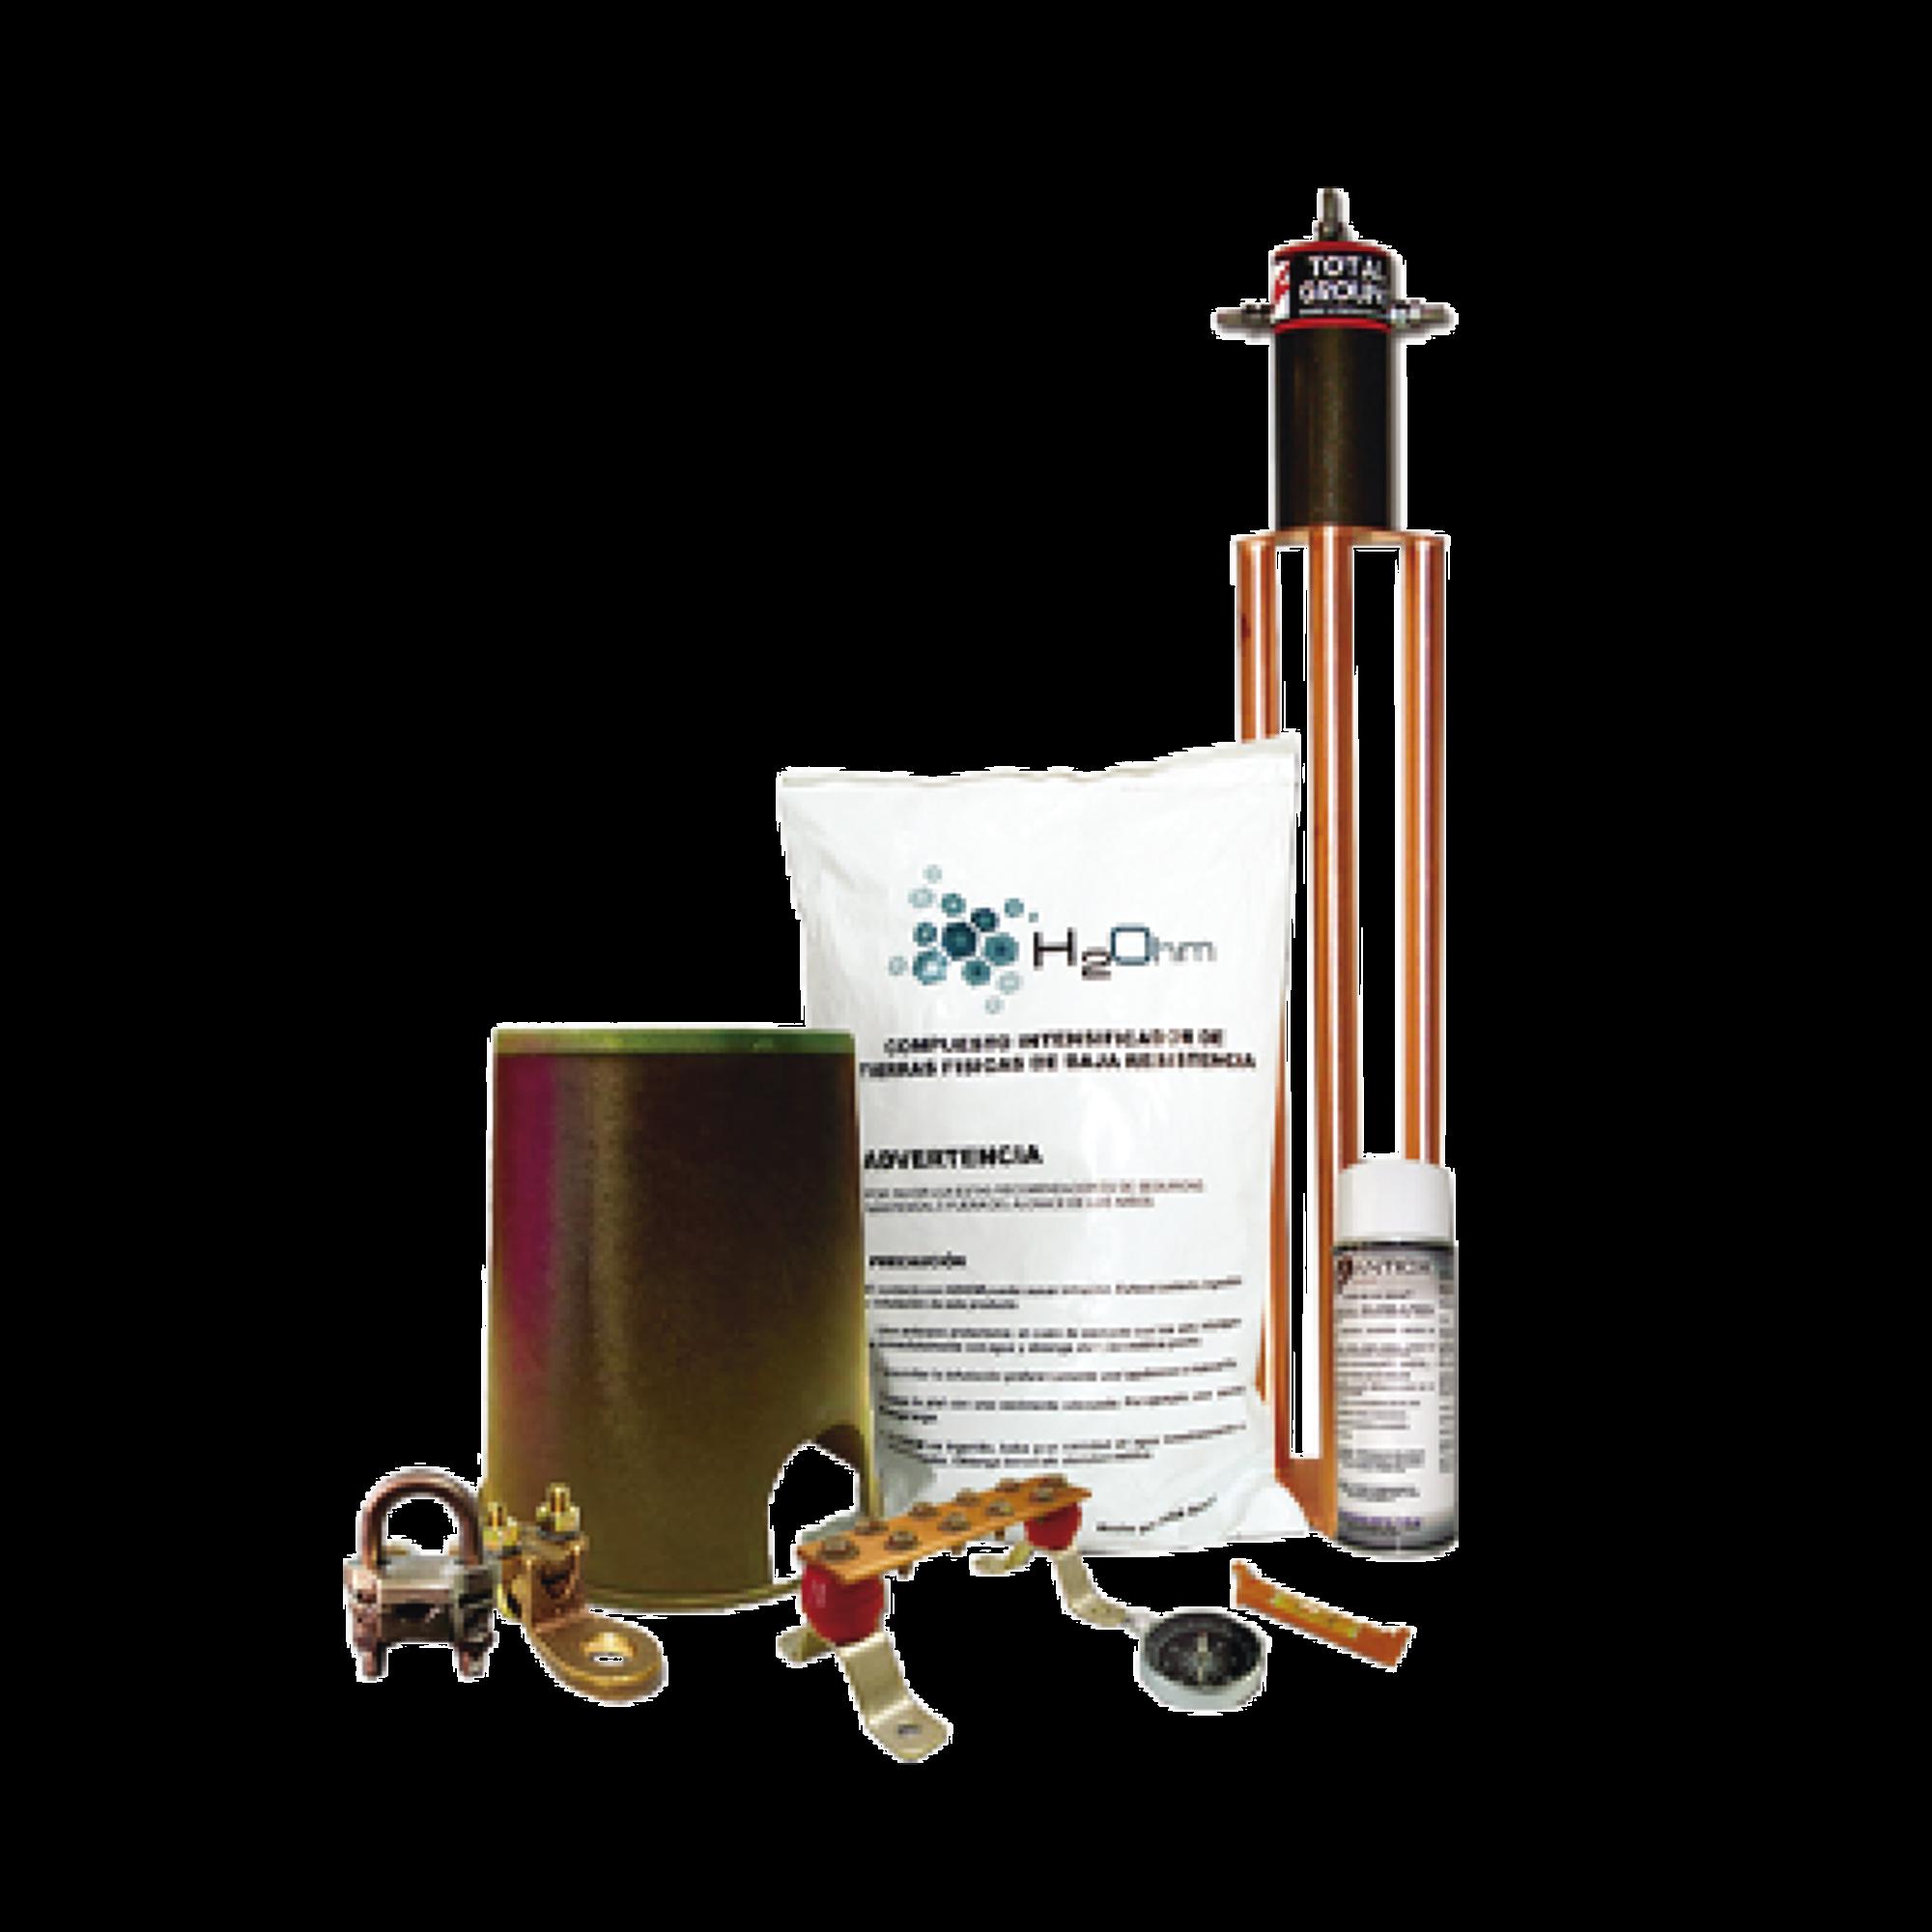 Kit de Tierra Física con Electrodo TG100AB y accesorios de instalación.